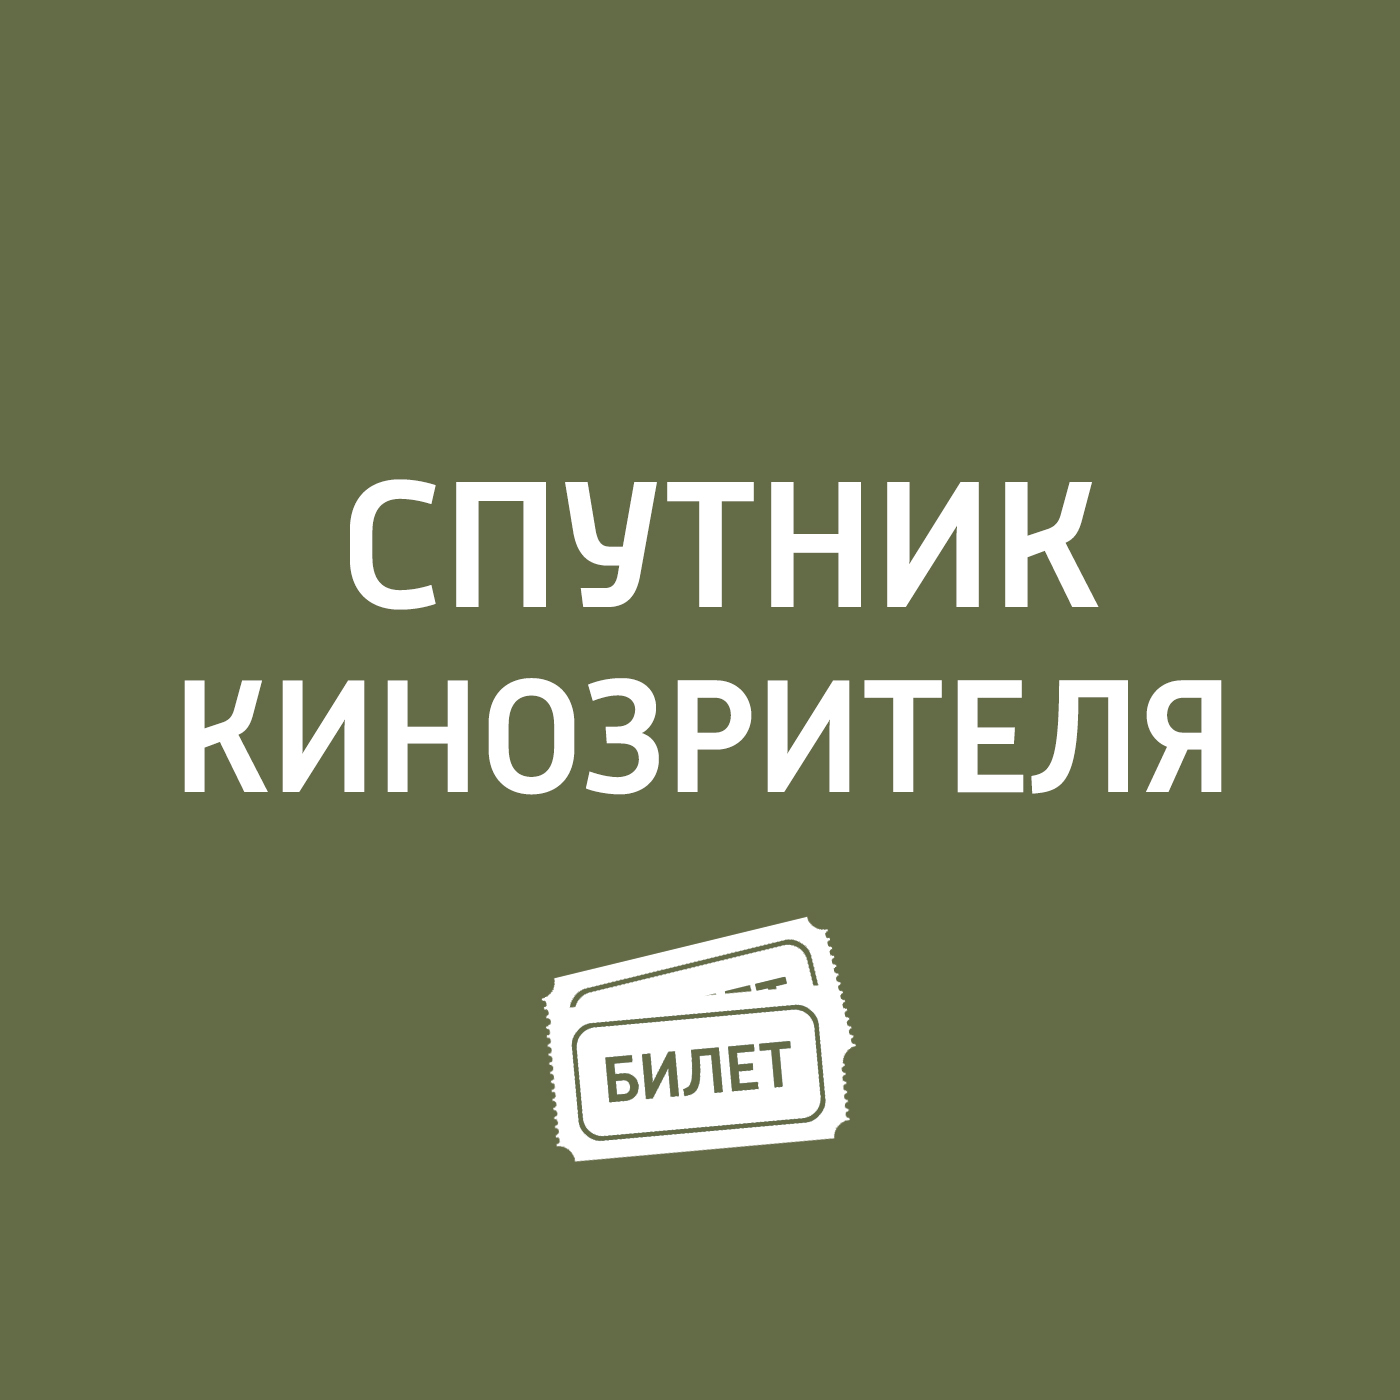 Антон Долин Евгений Евстигнеев народный артист ссср игорь горбачев